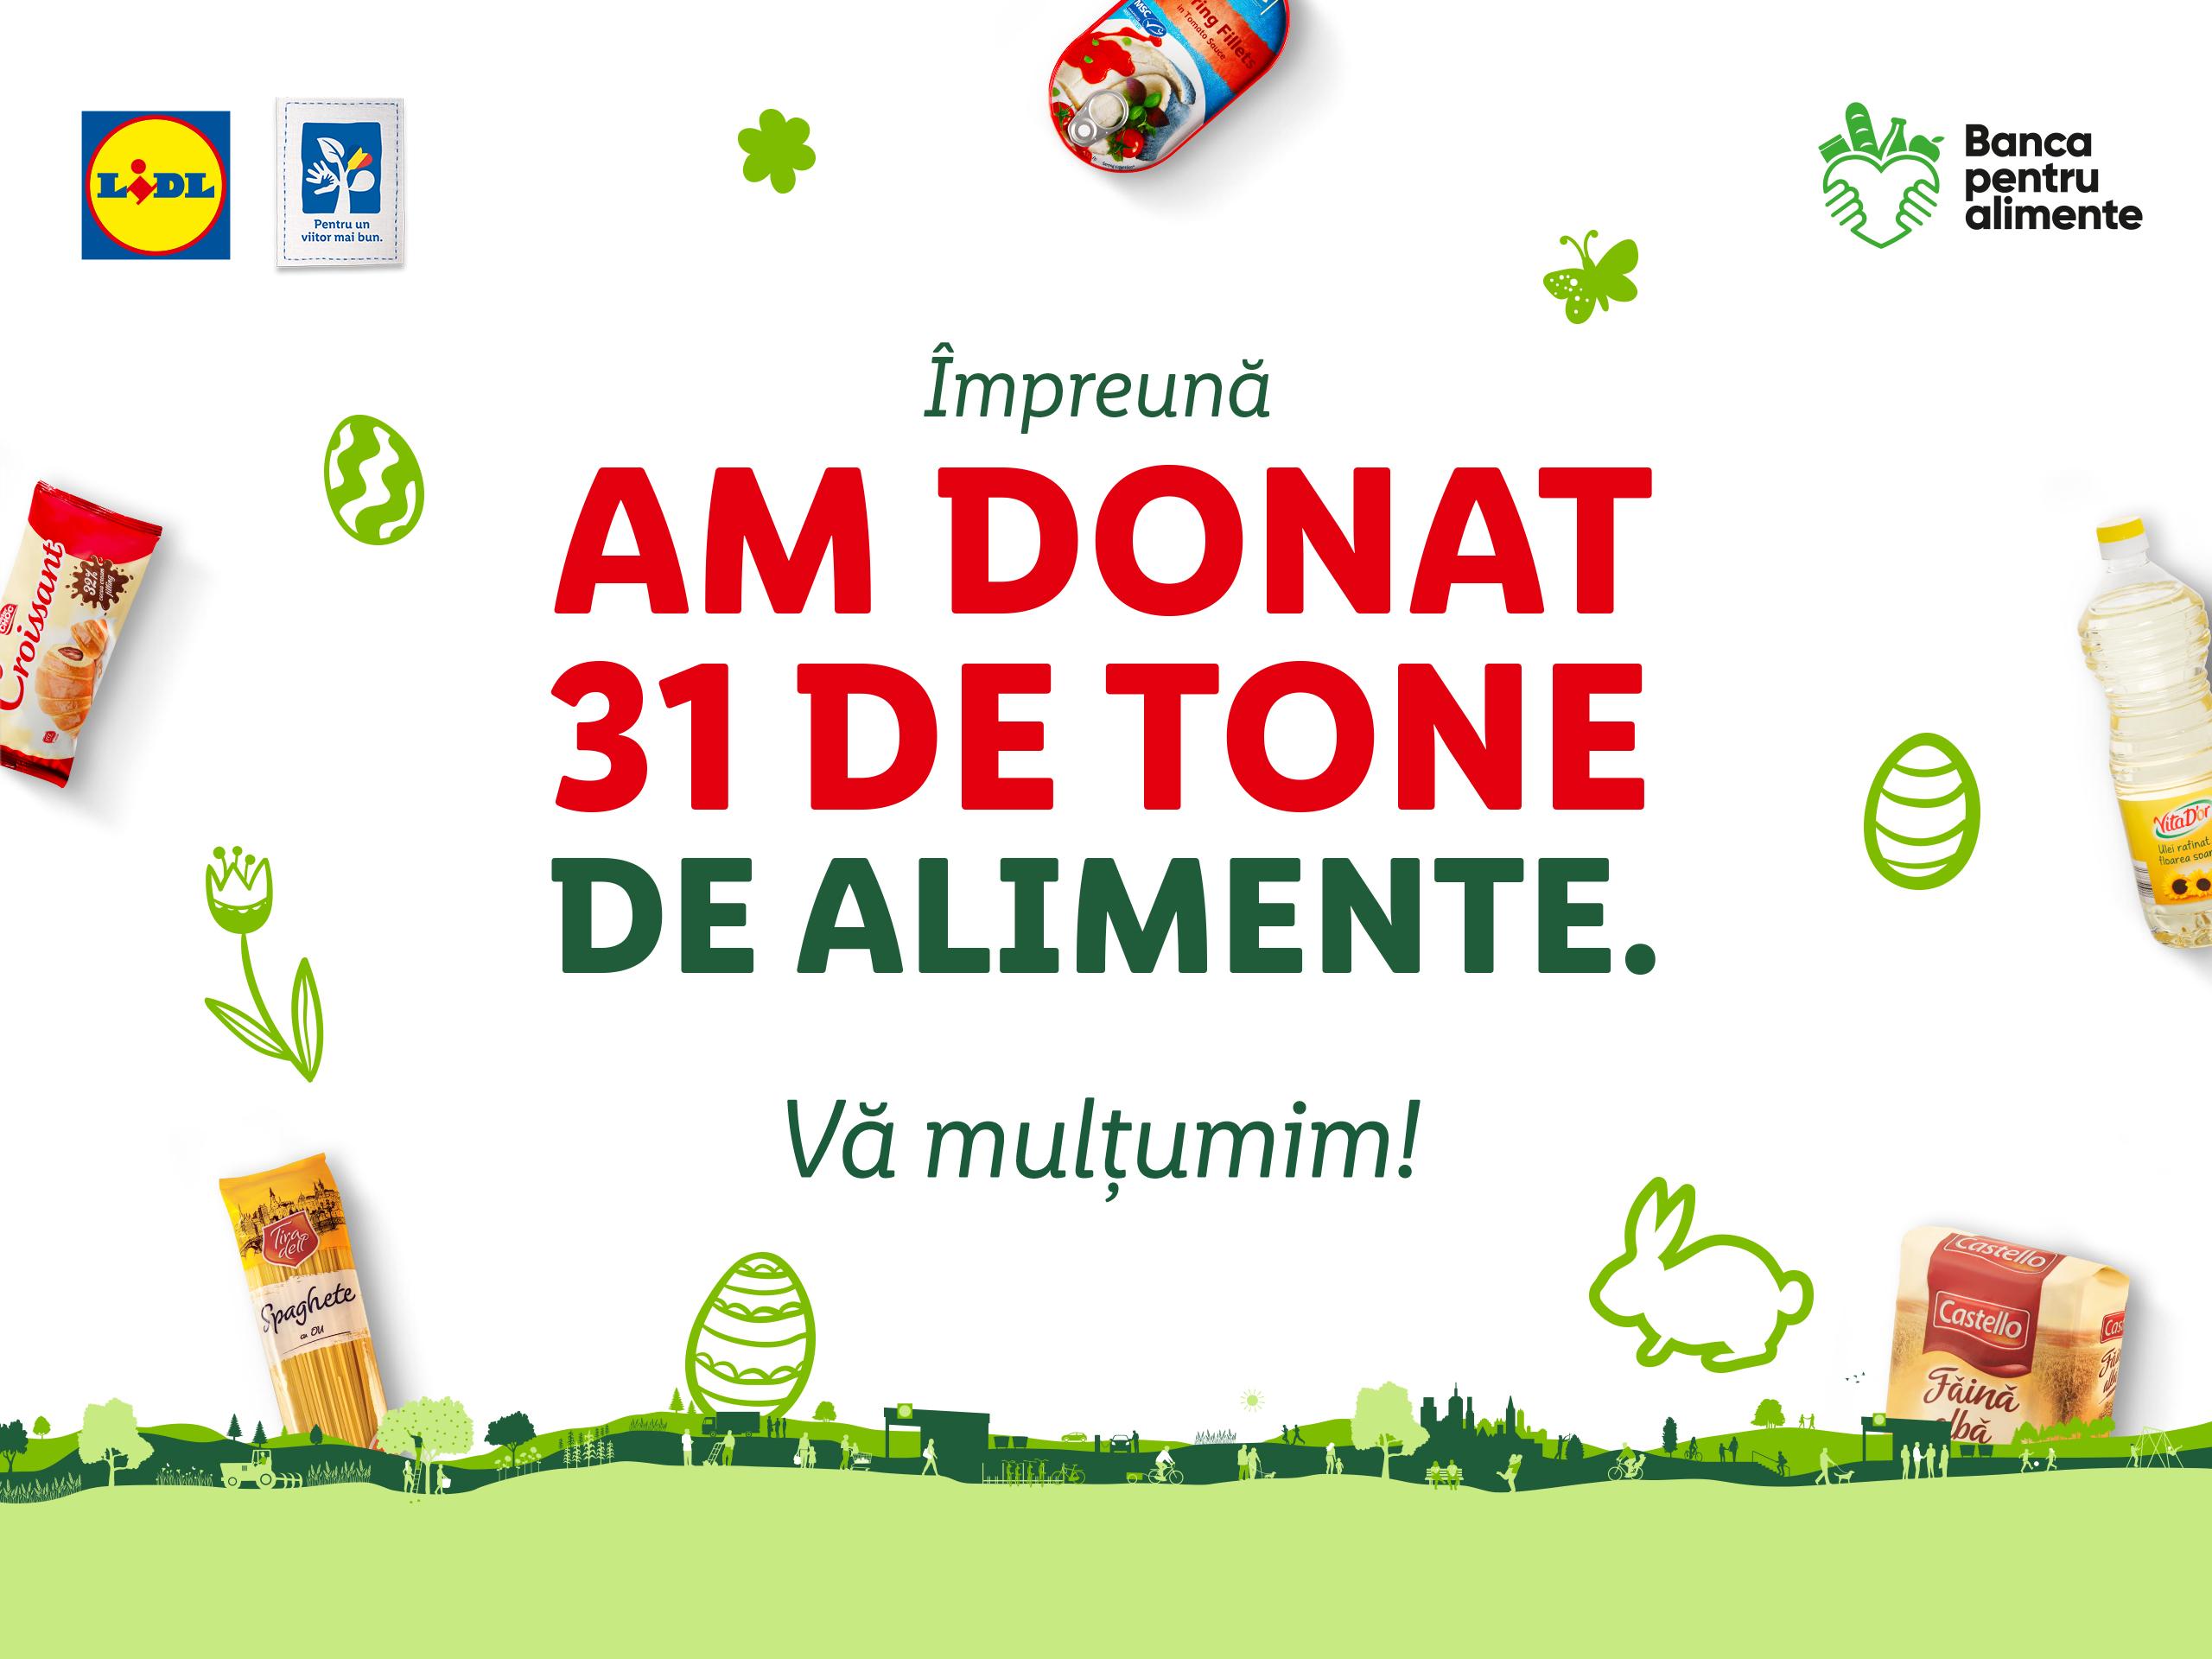 Peste 31 de tone de produse alimentare donate pentru comunitățile vulnerabile, în cadrul campaniei organizate în preajma Paștelui împreună cu rețeaua națională a Băncilor pentru Alimente